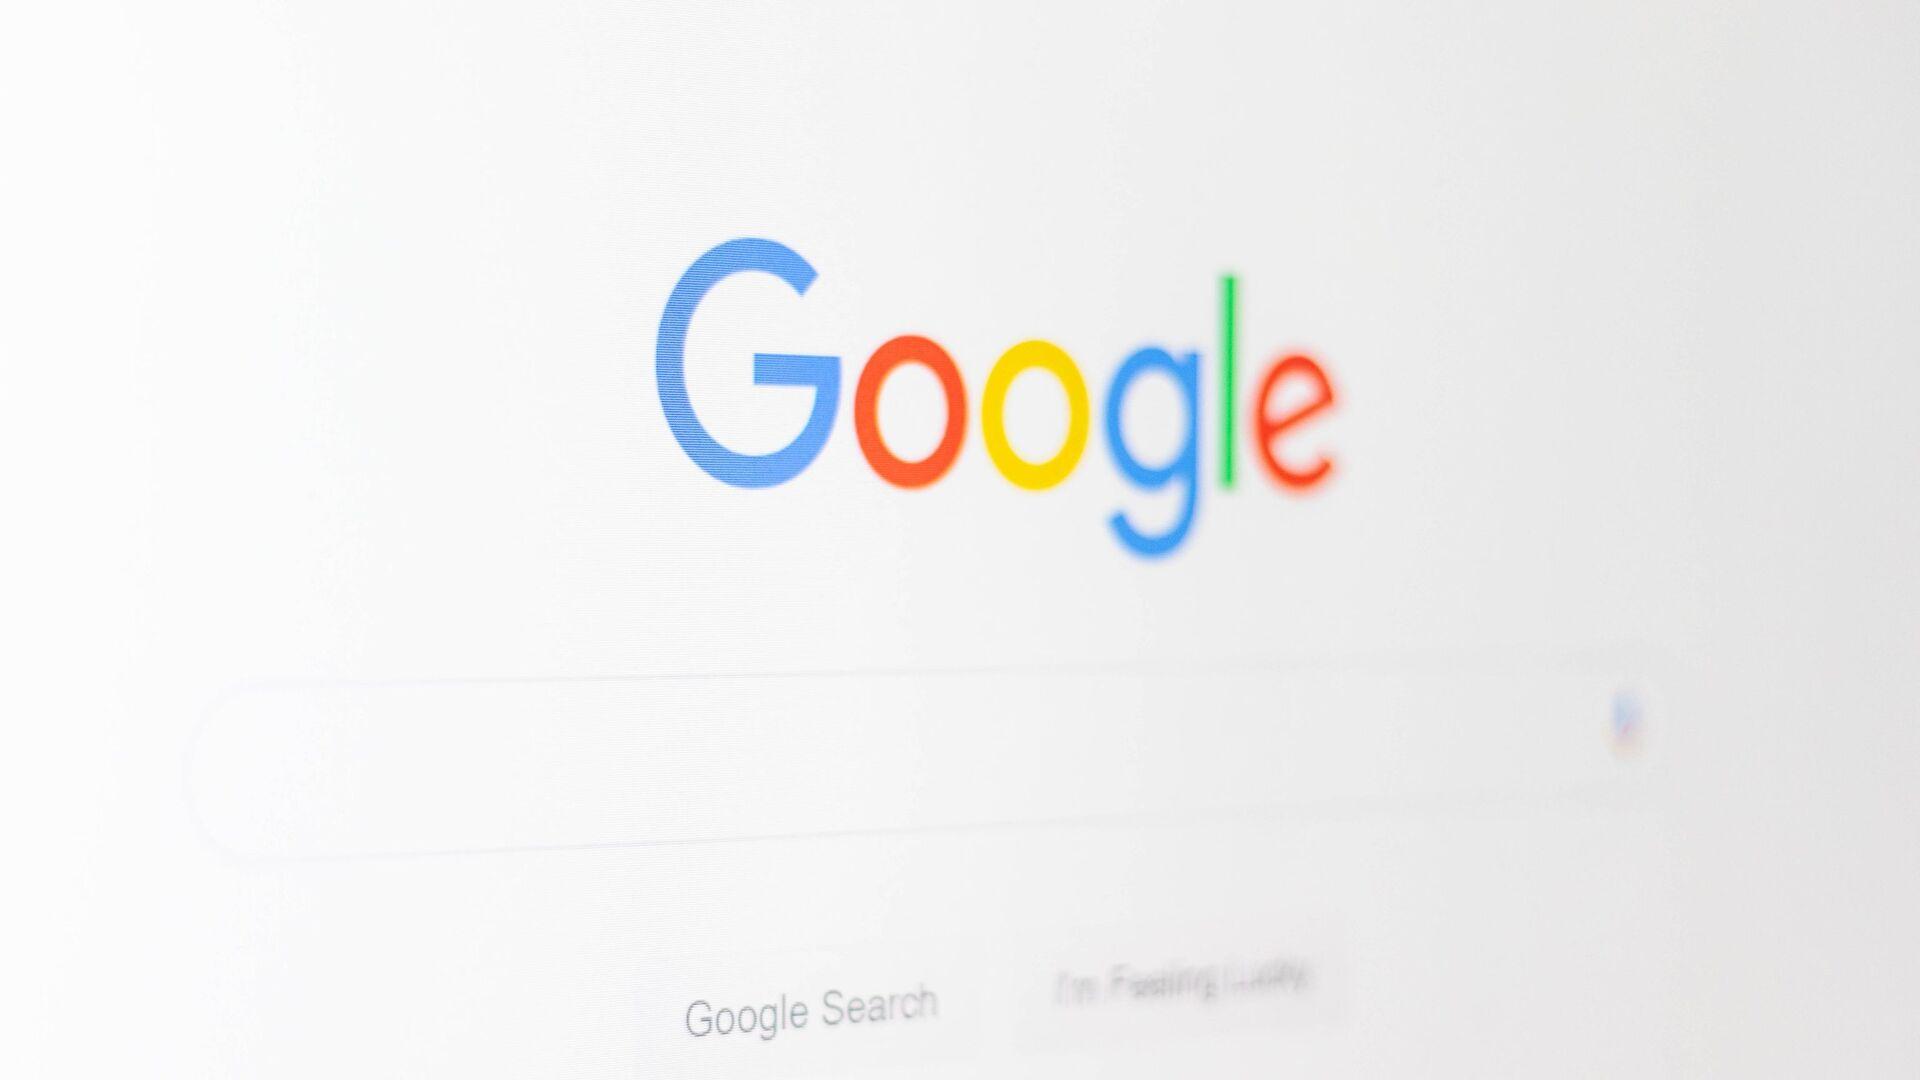 Logo de Google (imagen referencial) - Sputnik Mundo, 1920, 18.03.2021